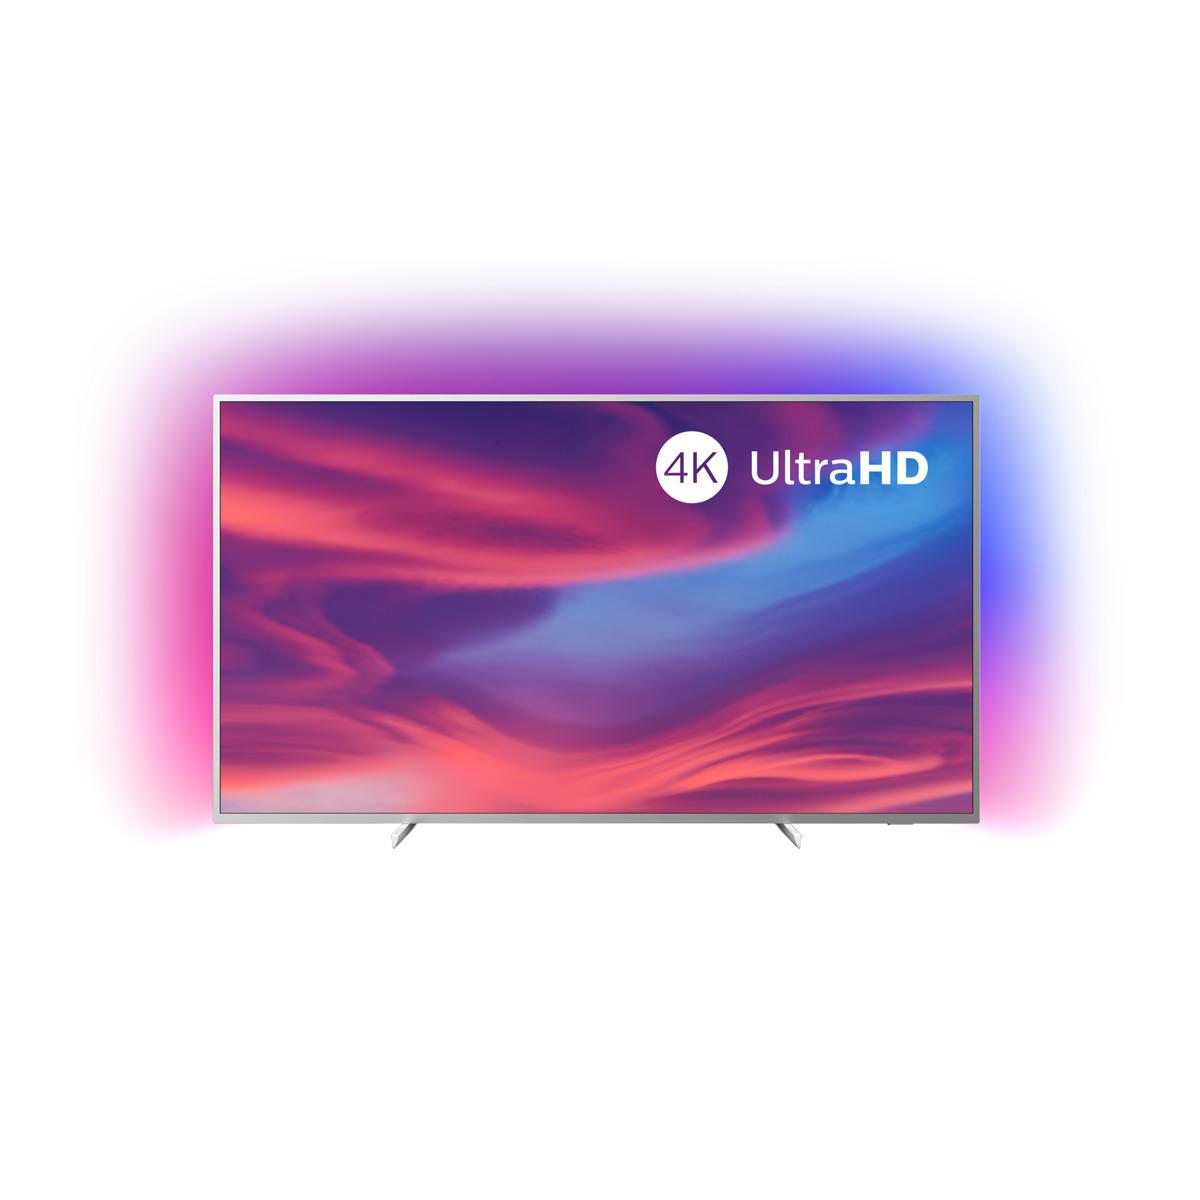 La inmersión de la iluminación Ambilight y la polivalencia de Android TV se dan cita en un televisor de 70 pulgadas con un precio en absoluto acorde con su gran tamaño. Completo y polivalente.